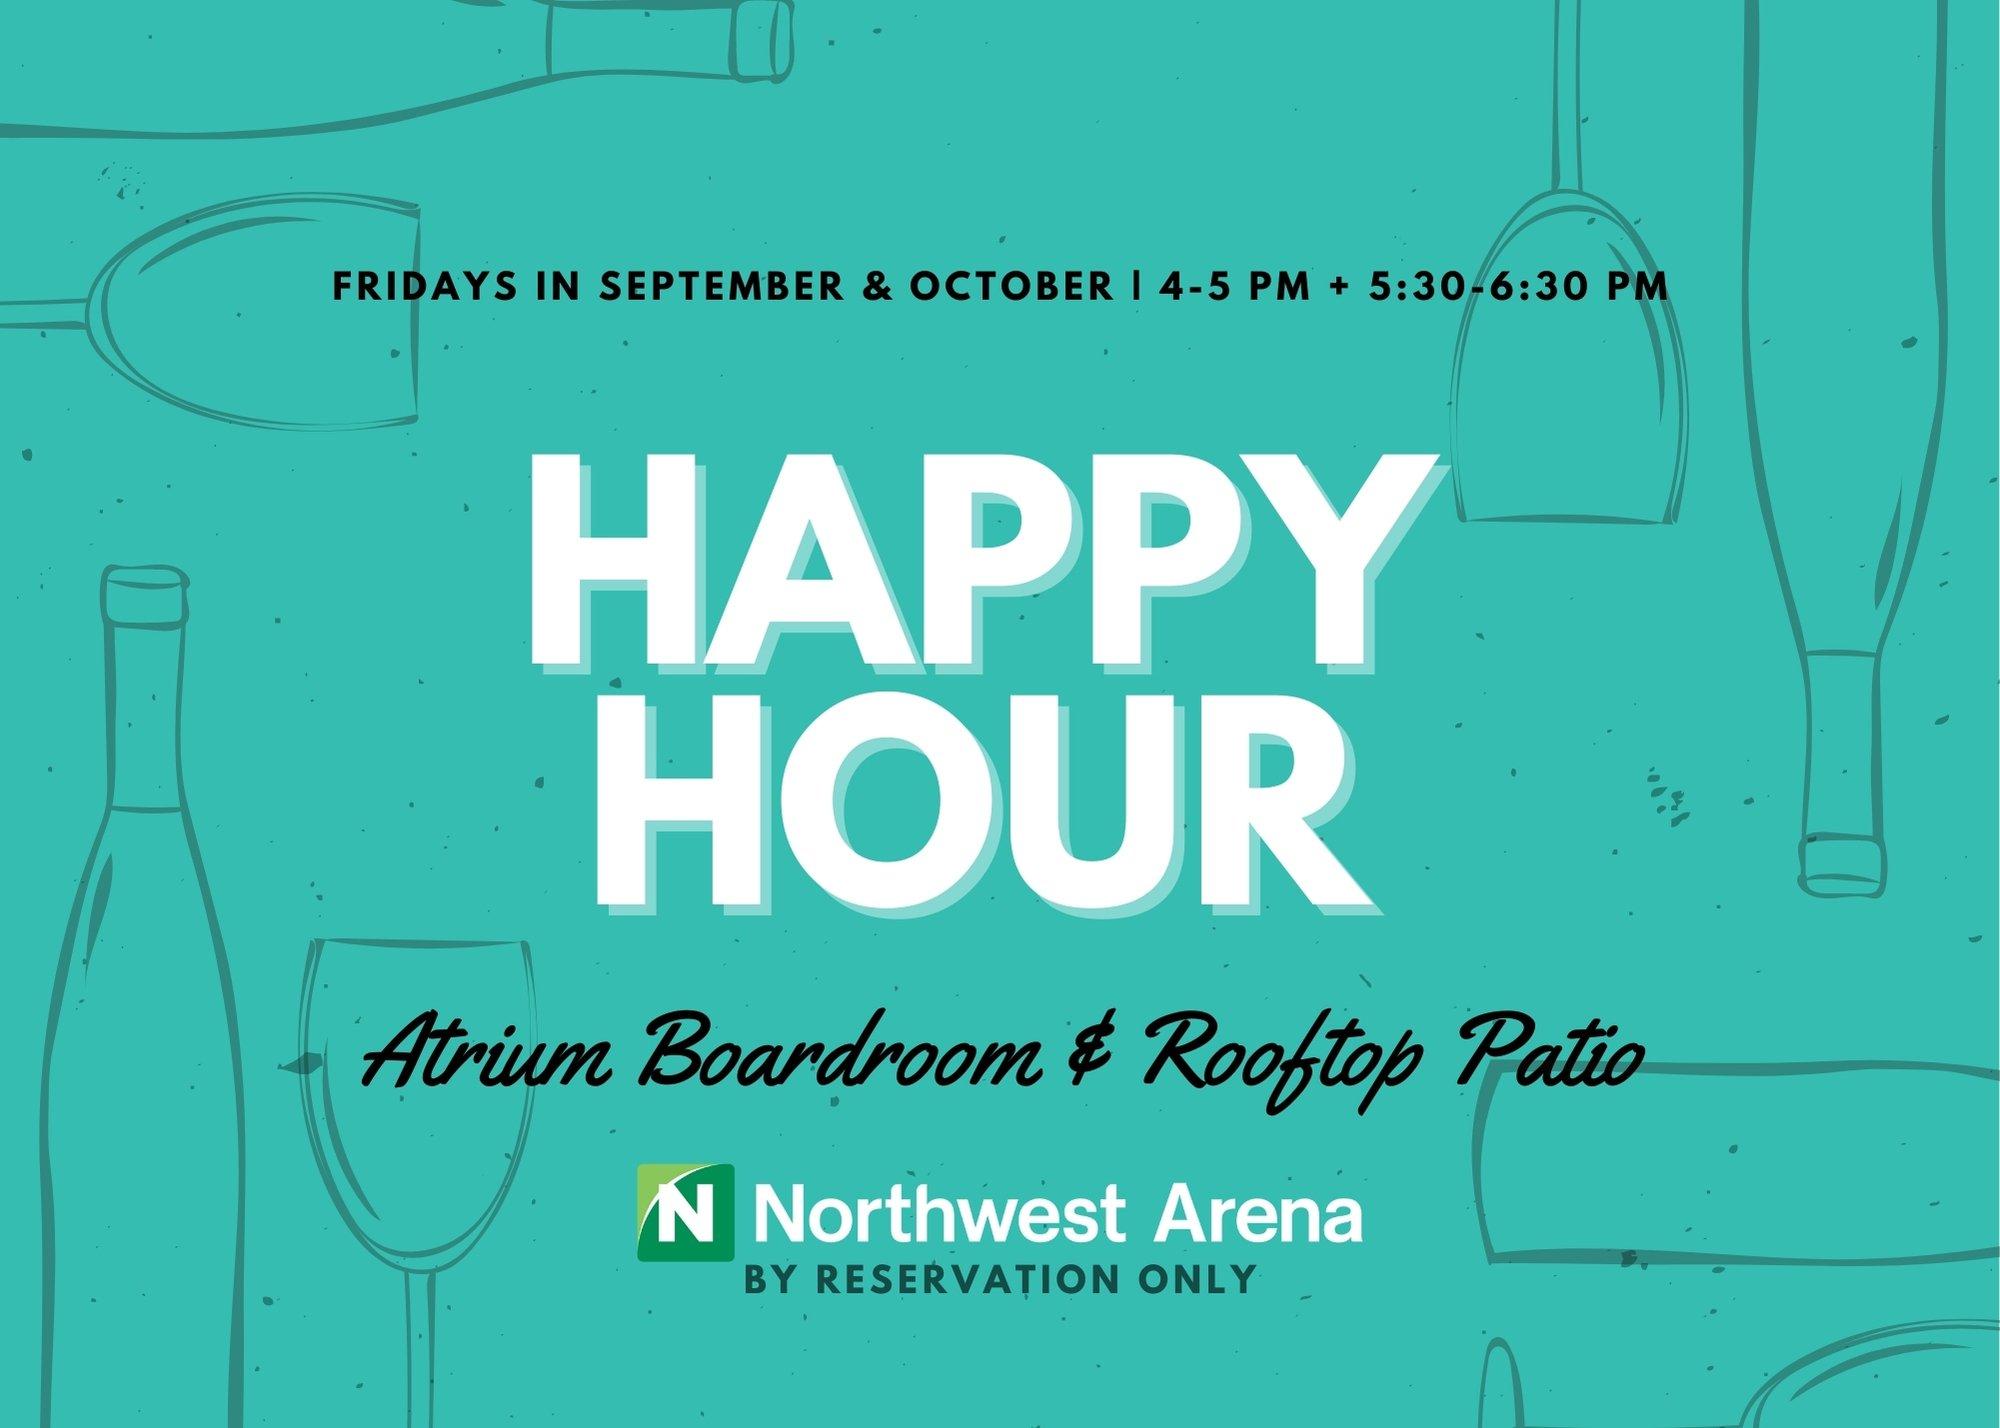 Flyer Promoting Atrium Happy Hours